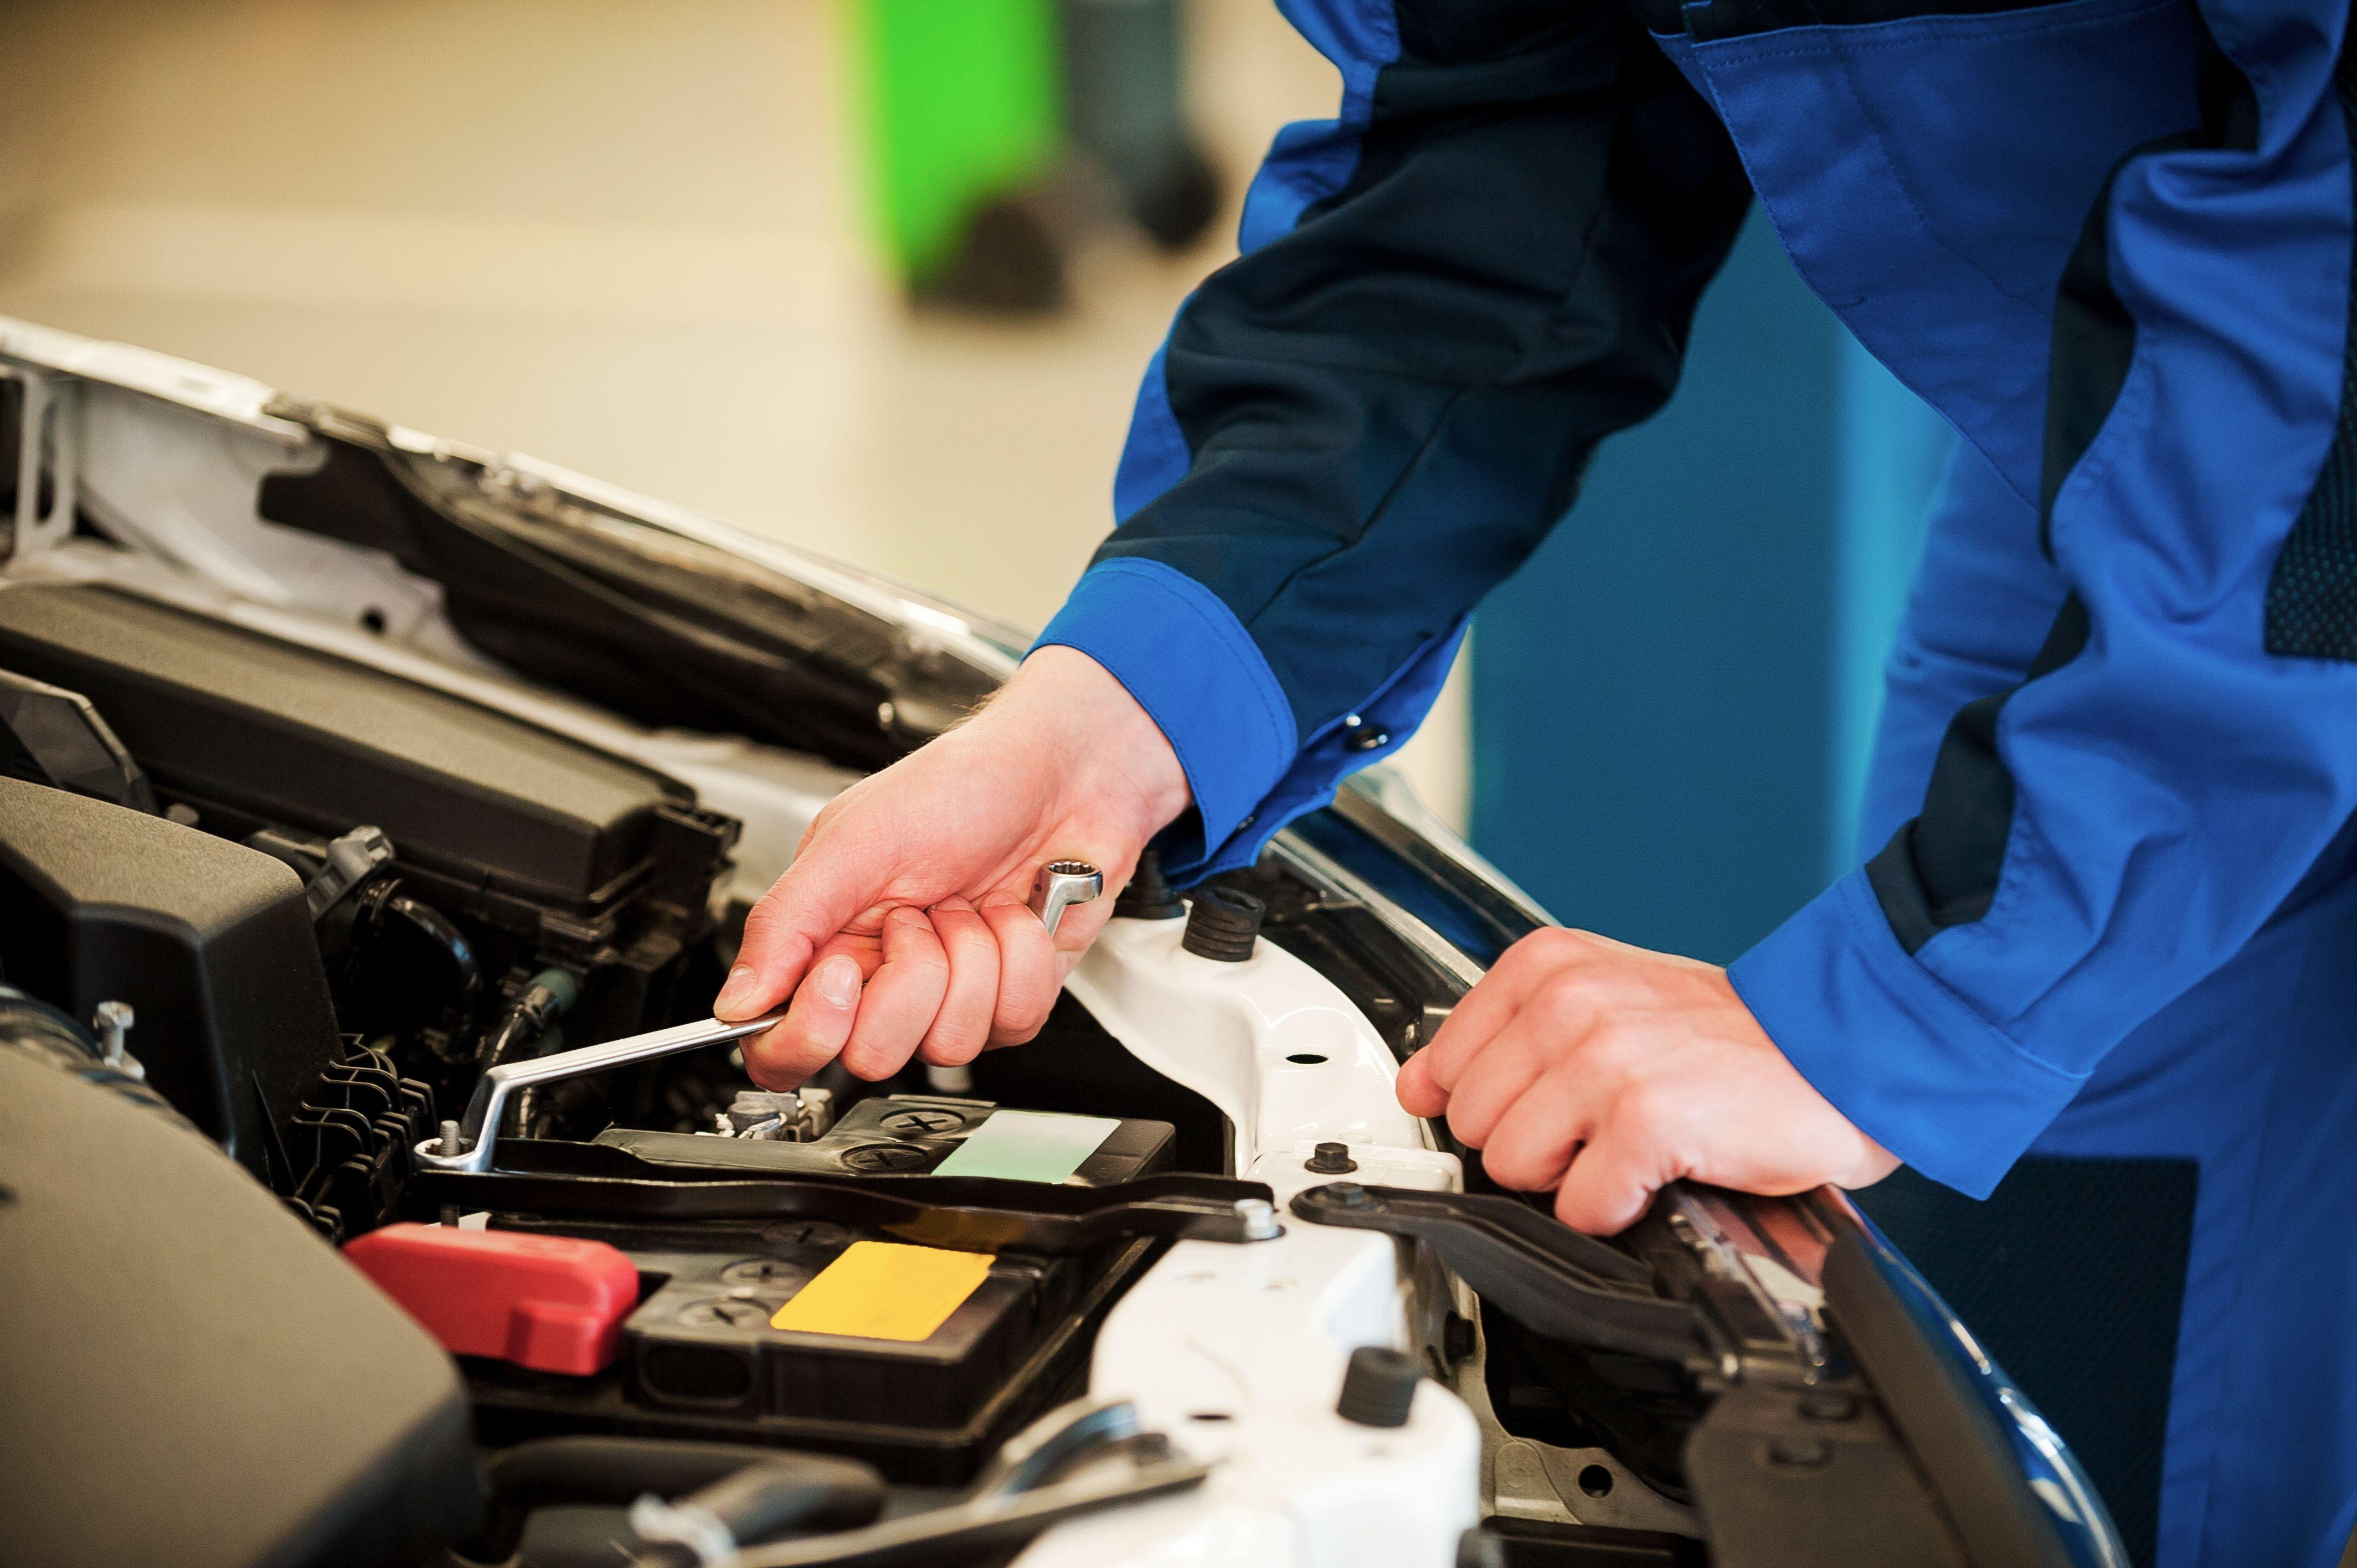 Taller mecánica especializada: Servicios de Hogar del Taxista